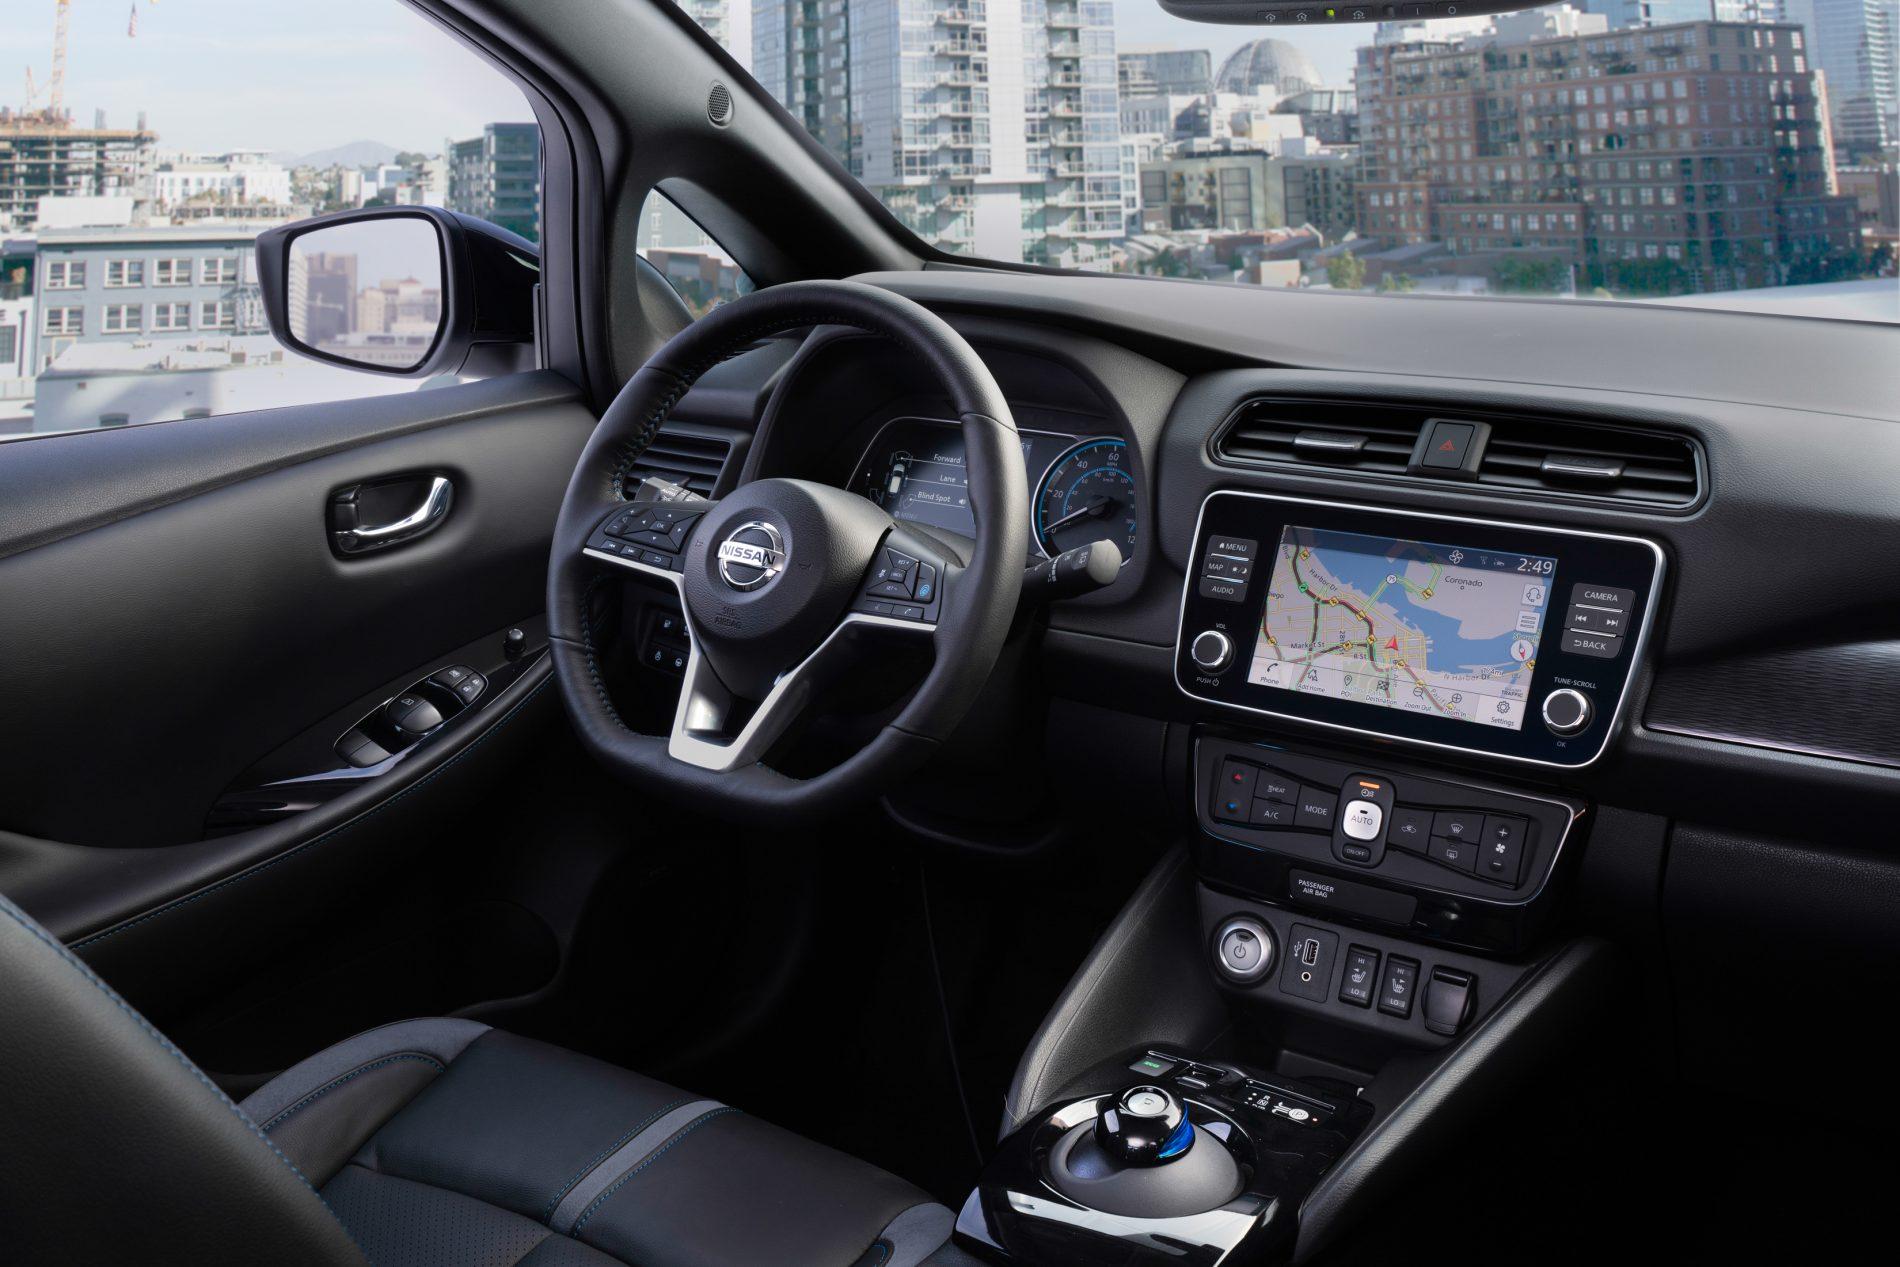 2019-Nissan-LEAF-9-e1546903713619